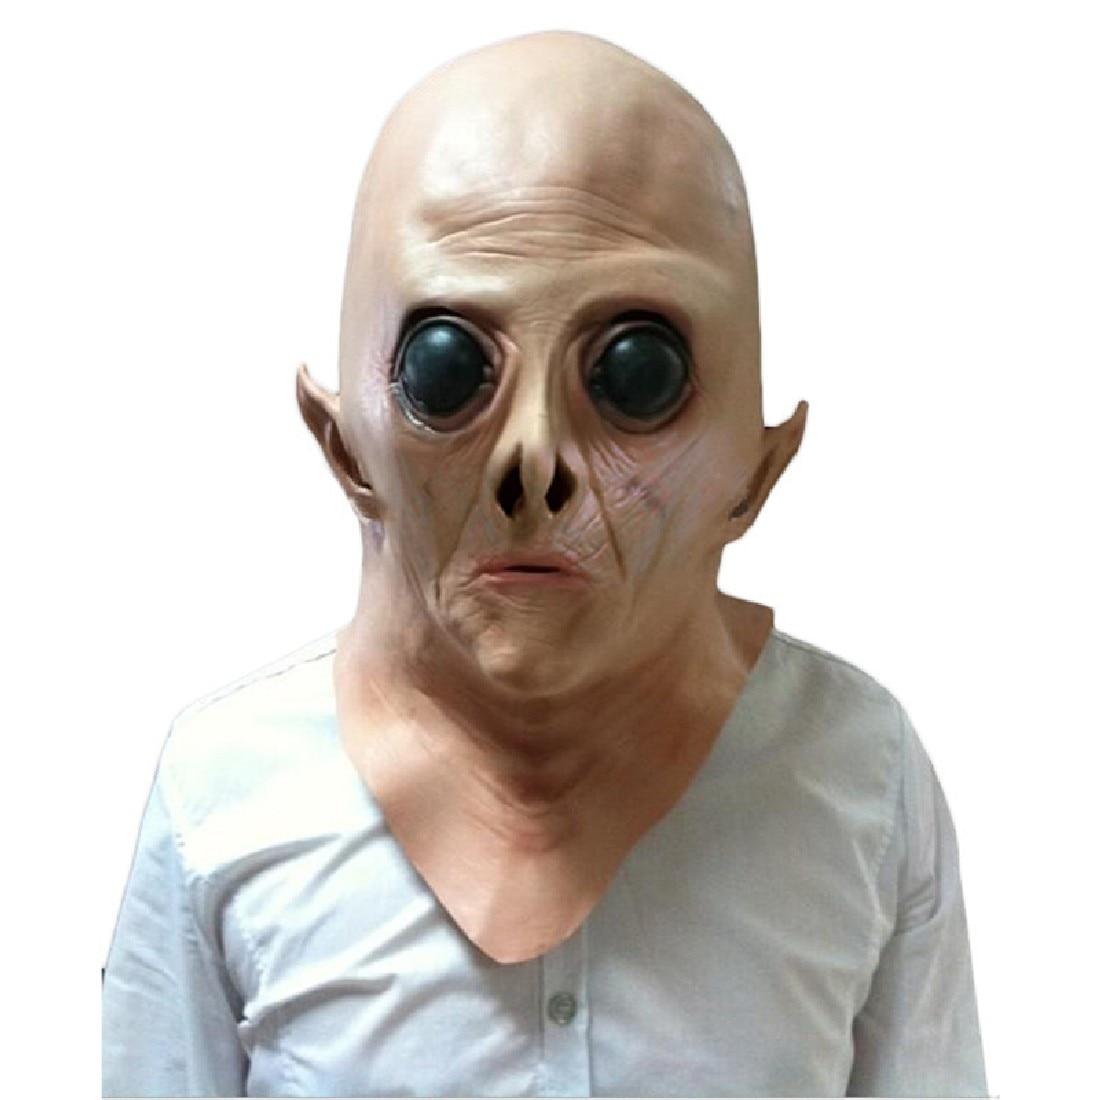 Silicone divertente Spaventoso Maschera Alien Ufo Extra Terrestrial ET Horror In Lattice di Gomma Del Partito Pieno Maschere Per Il Costume Del Partito Cosplay